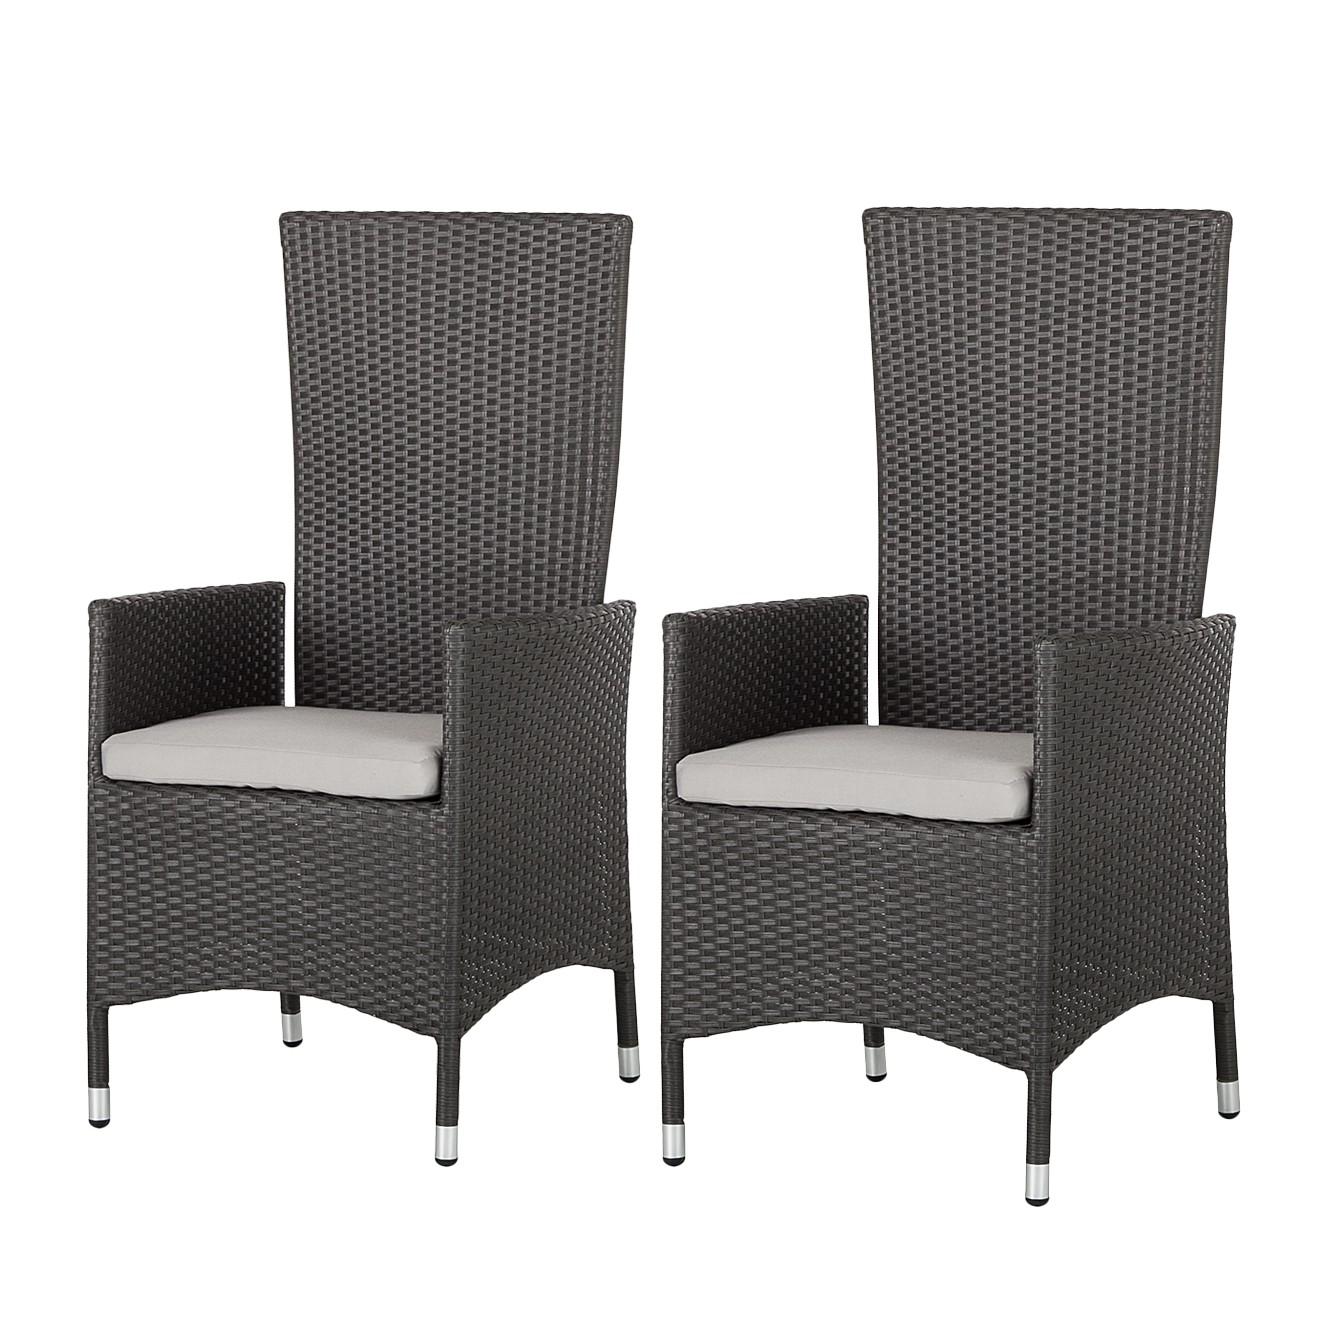 hochlehner paradise gismo 2er set polyrattan grau ebay. Black Bedroom Furniture Sets. Home Design Ideas